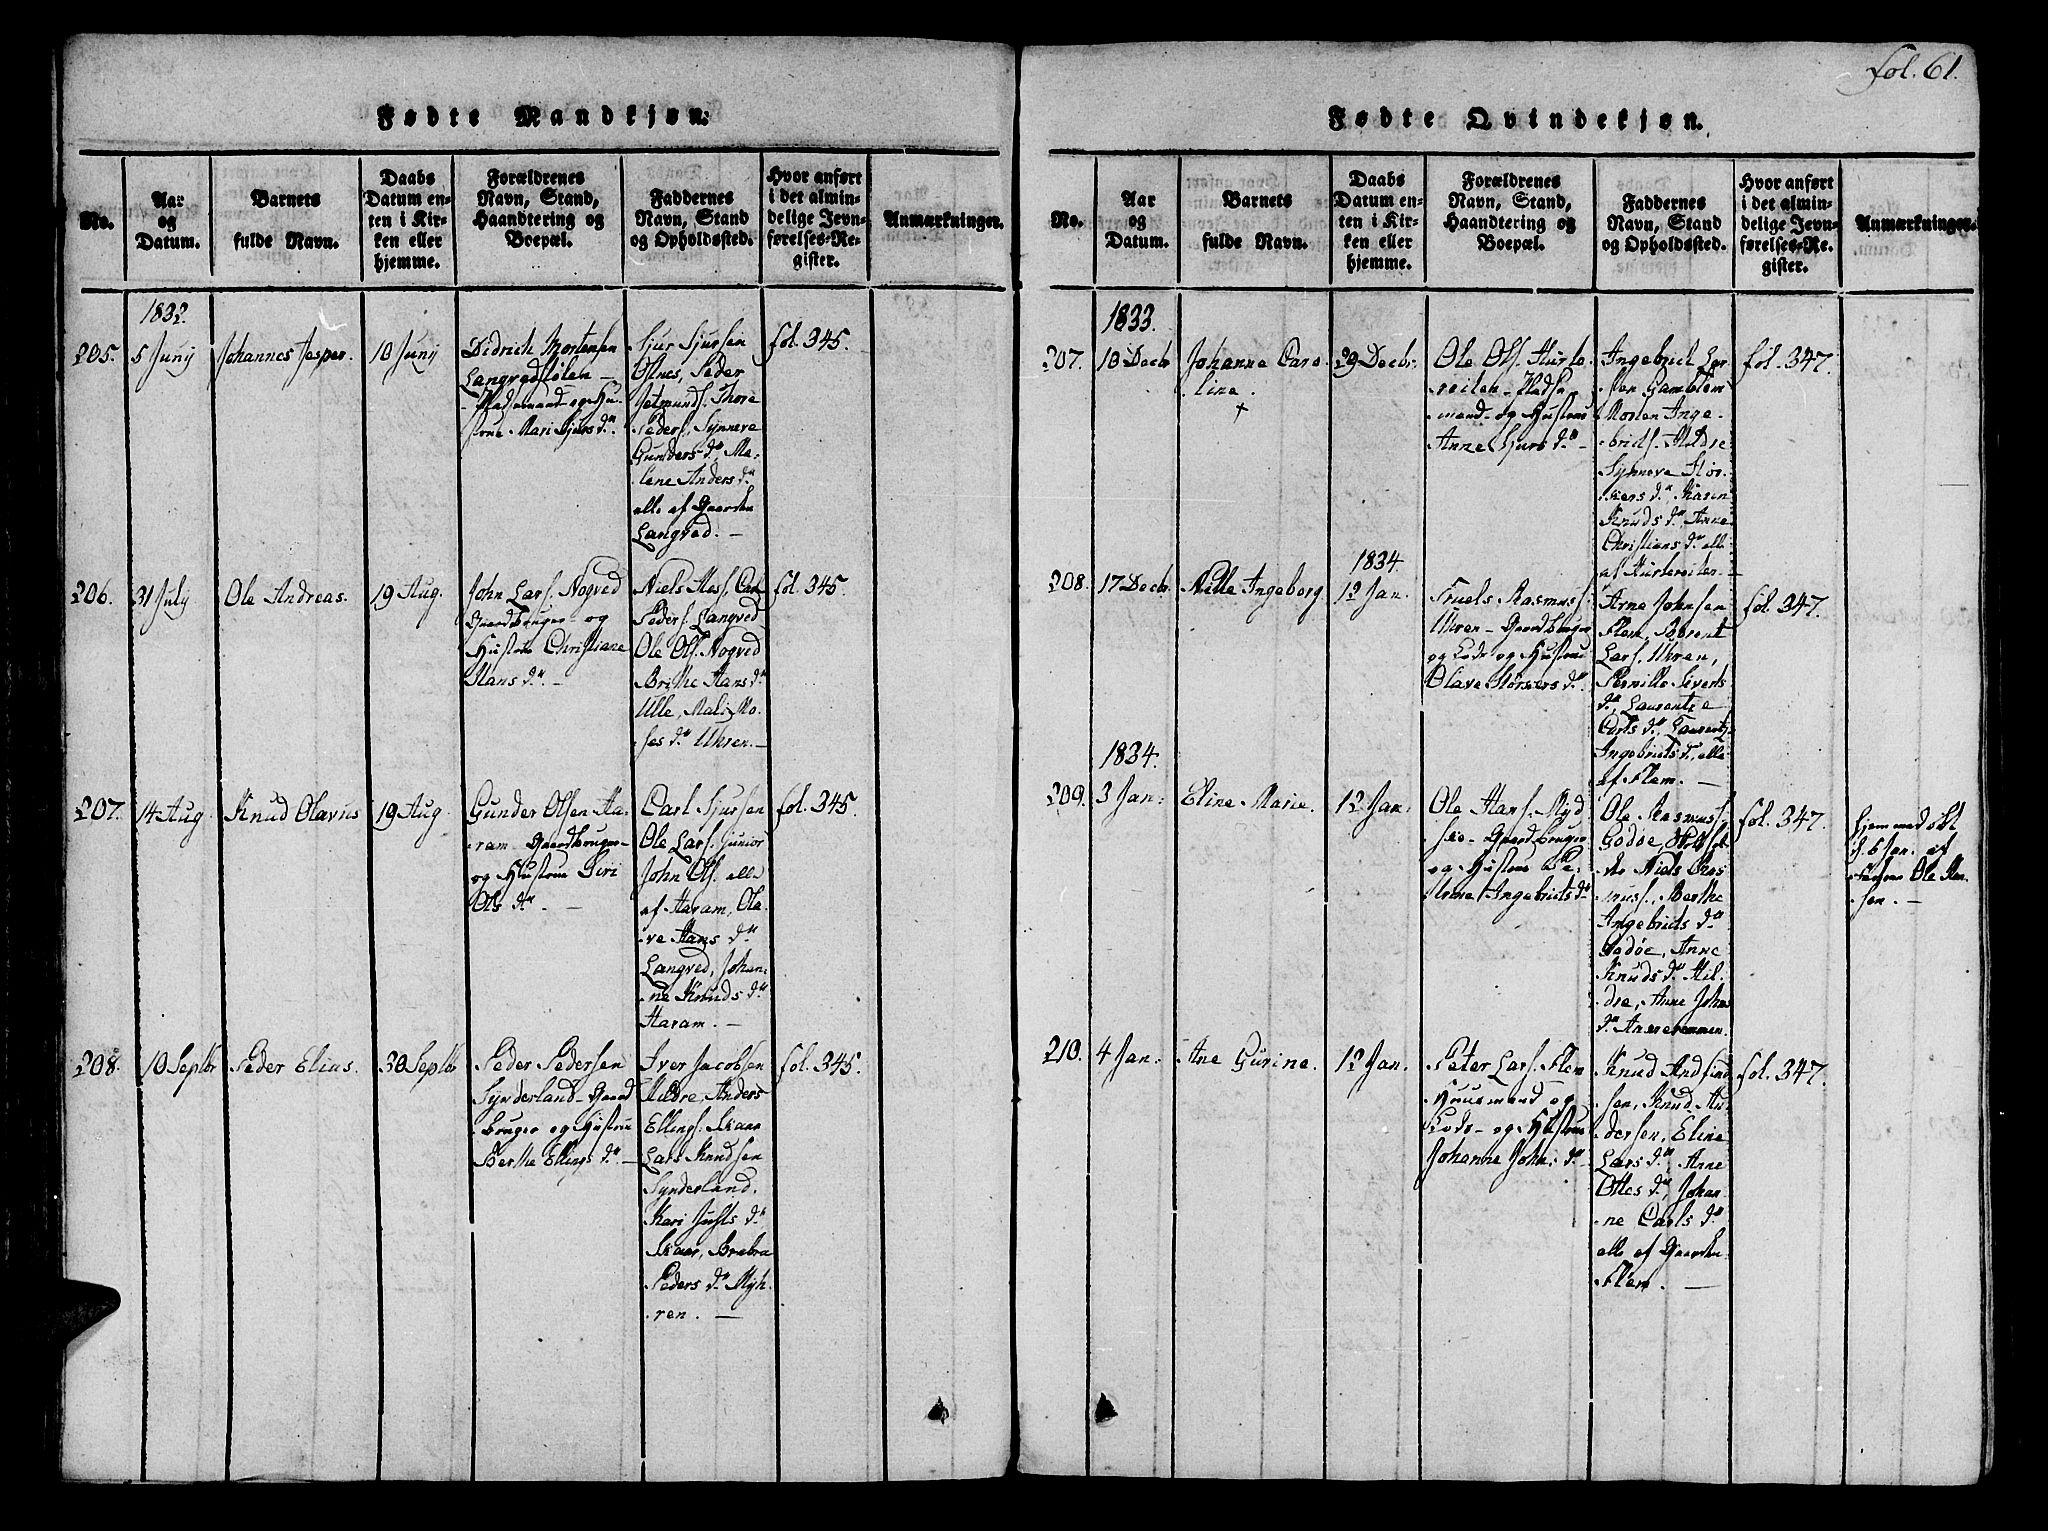 SAT, Ministerialprotokoller, klokkerbøker og fødselsregistre - Møre og Romsdal, 536/L0495: Ministerialbok nr. 536A04, 1818-1847, s. 61